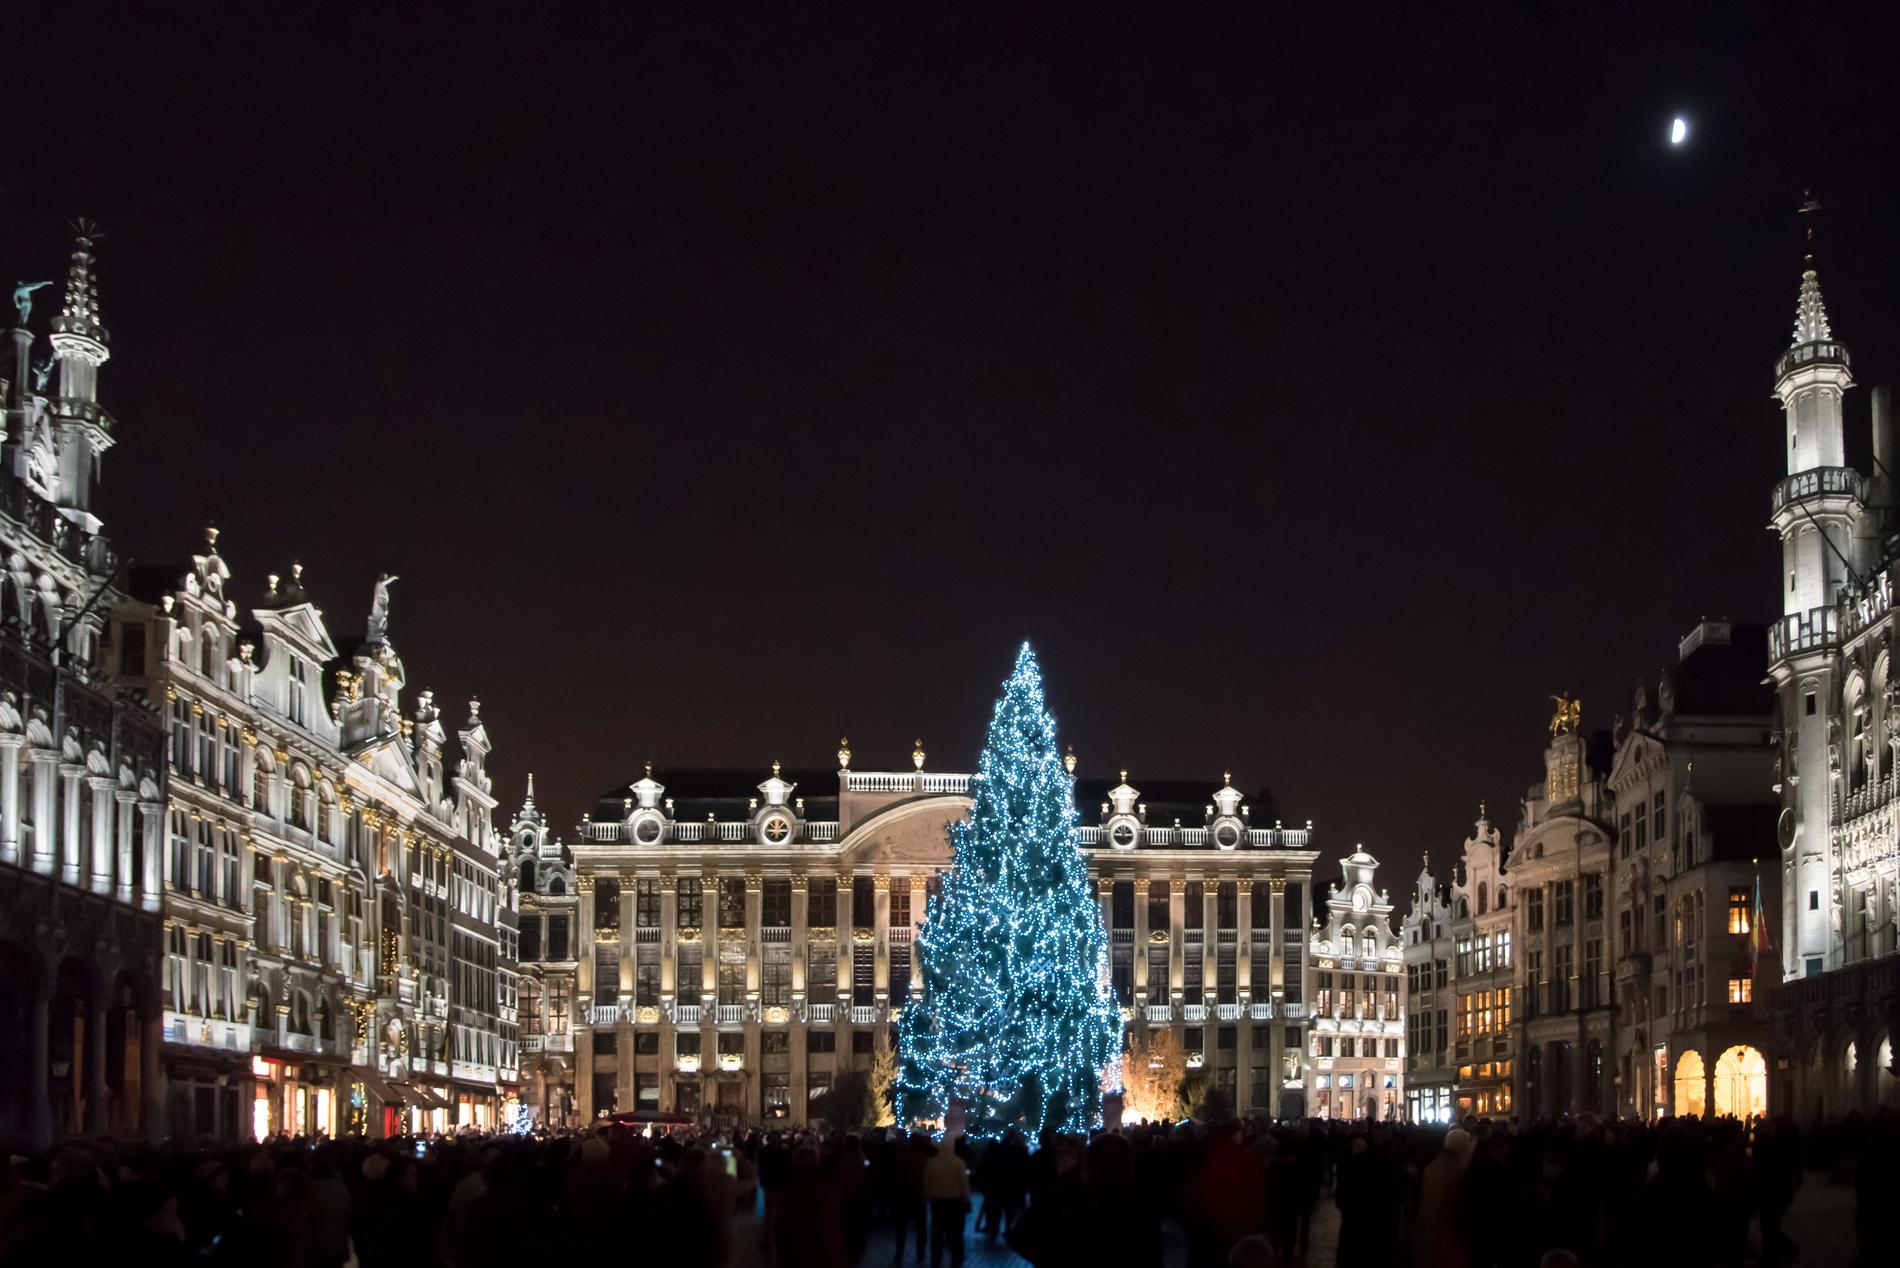 Julmarknaden på Grand-Place i Bryssel erbjuder en imponerande ljusuppvisning.